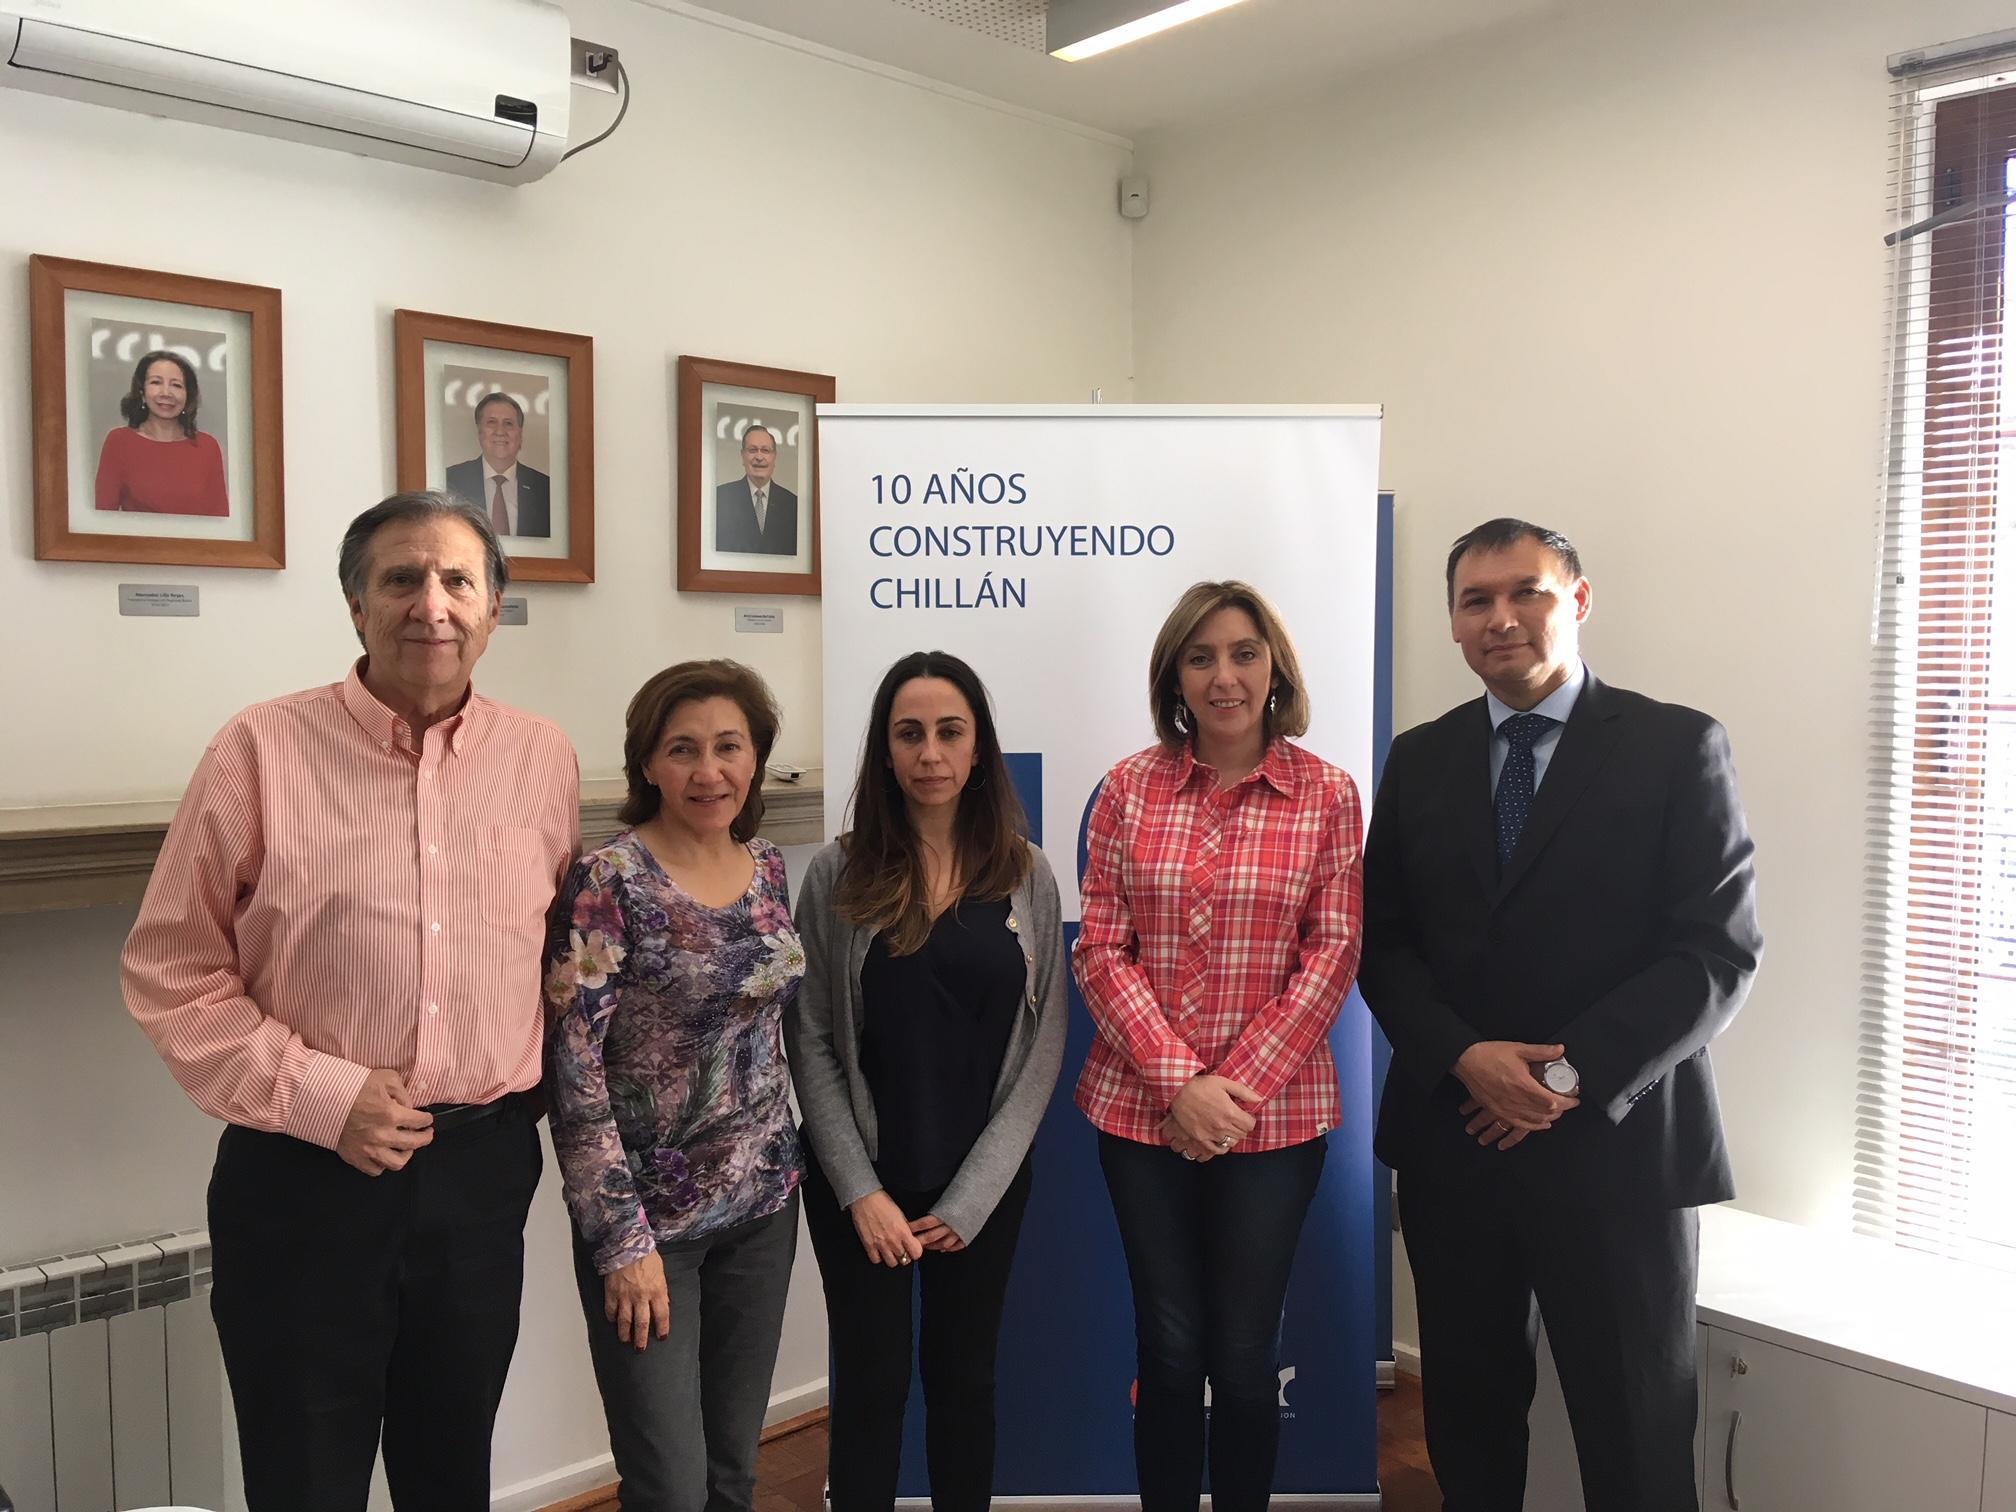 CChC Chillán con nuevo director de SECPLA Chillán noticias